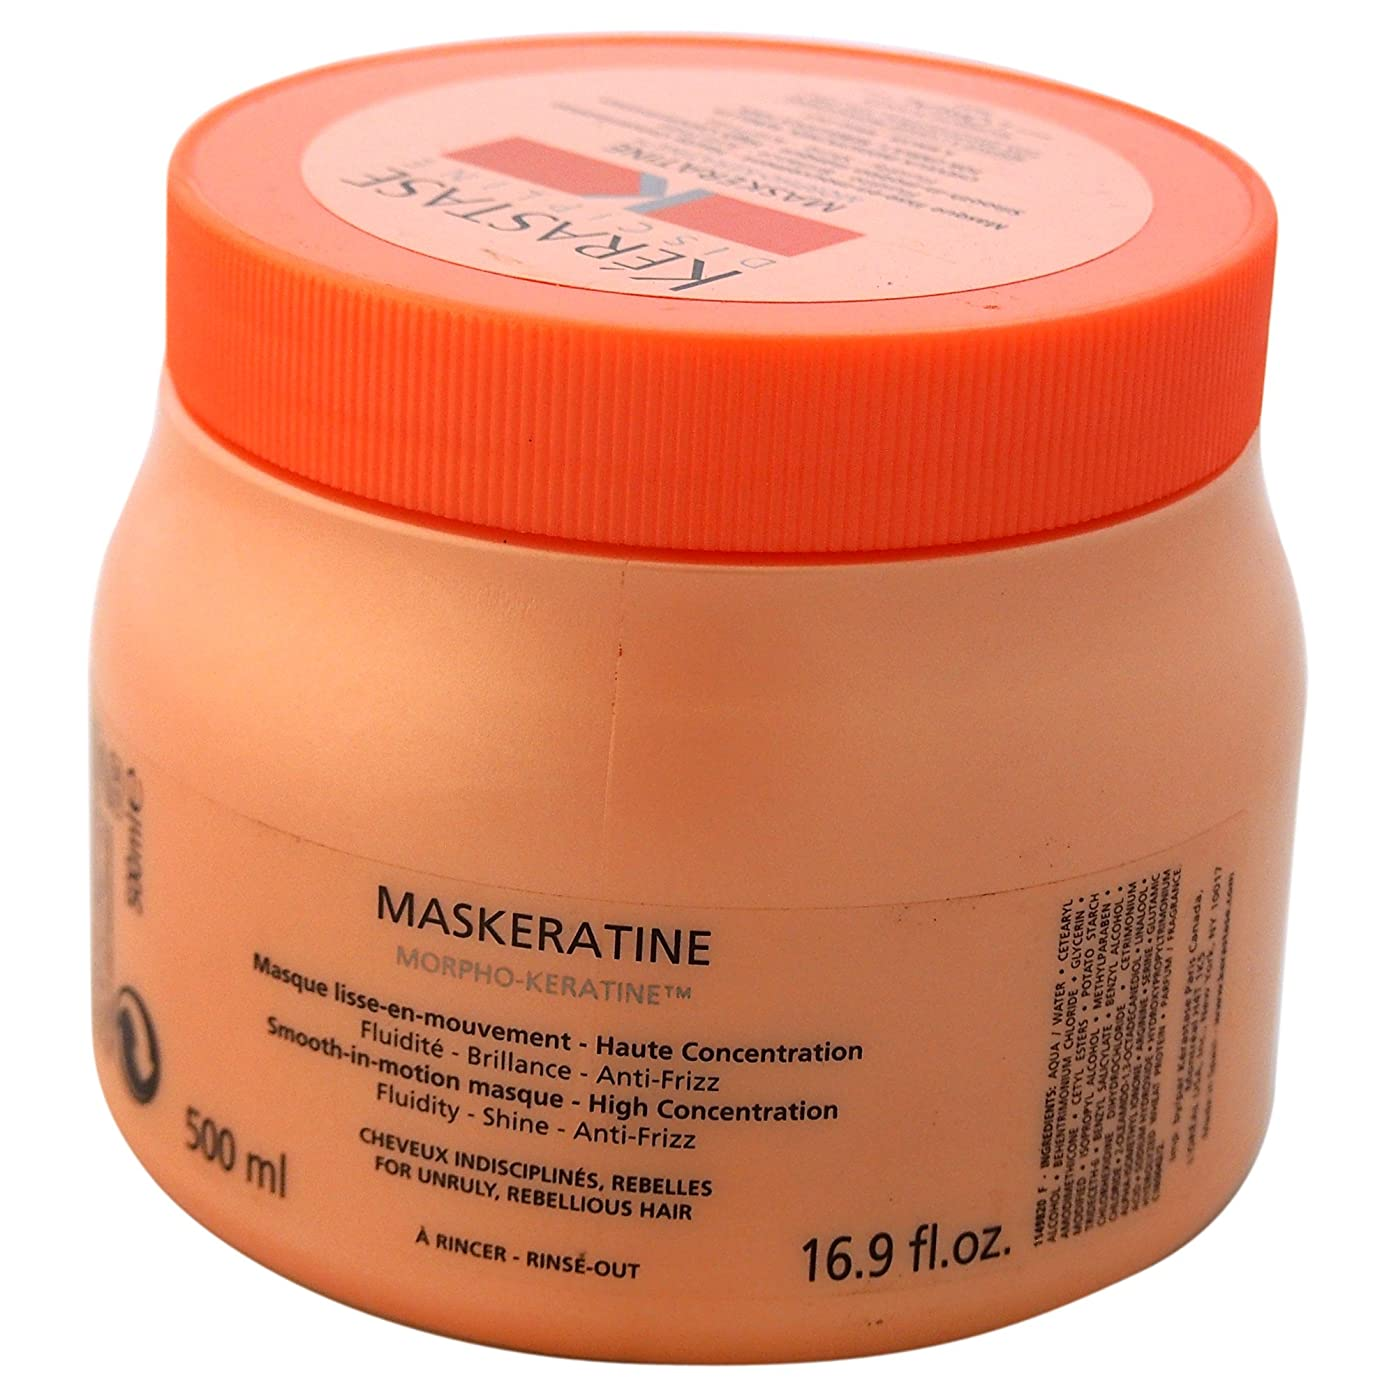 冷蔵するいらいらさせる想定ケラスターゼ(KERASTASE) ディシプリン DP マスケラチン 500ml [並行輸入品]